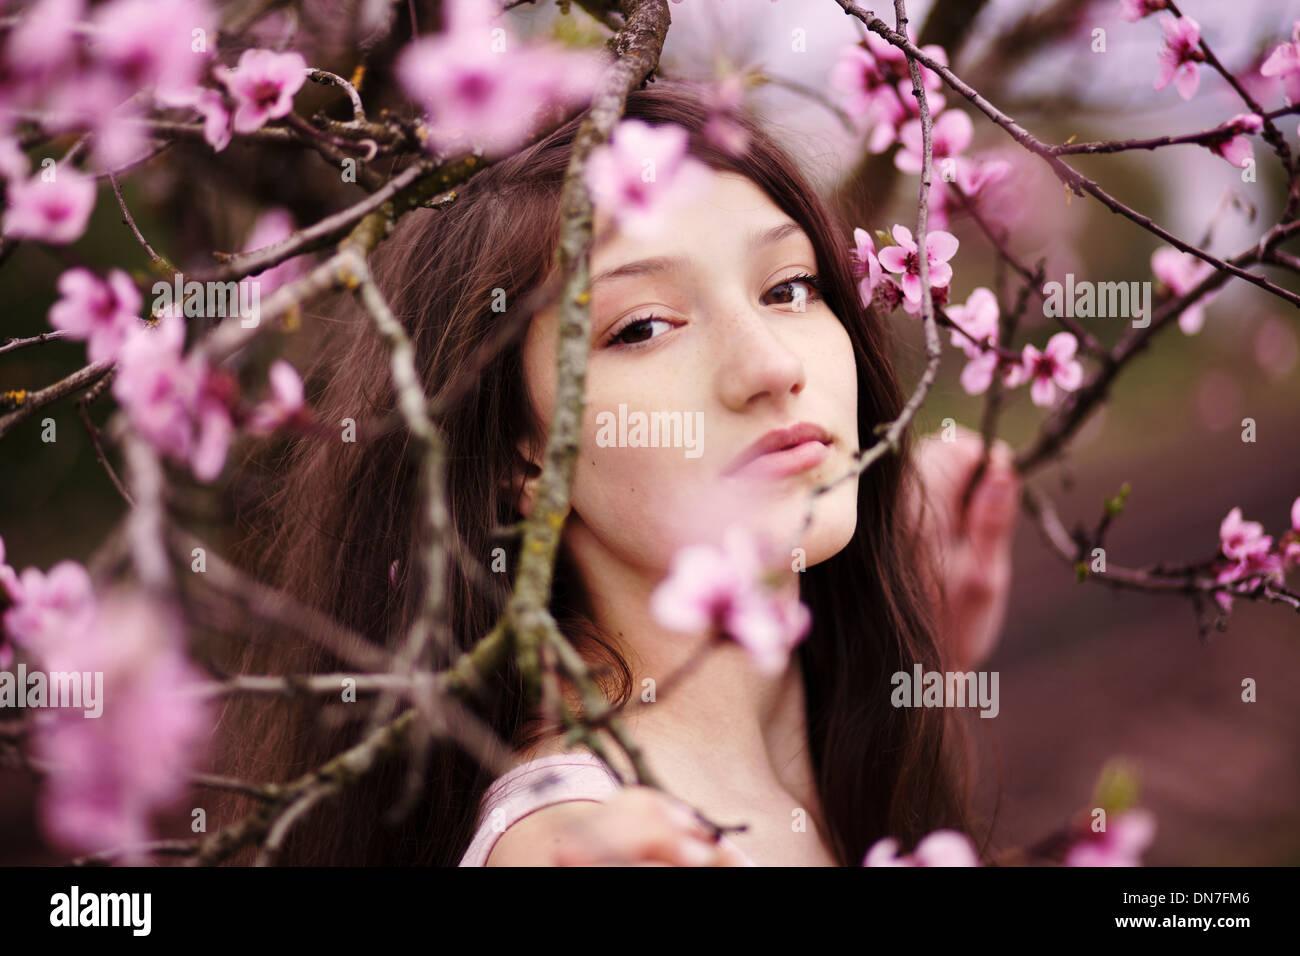 Ragazza con fiori di ciliegio, ritratto Immagini Stock